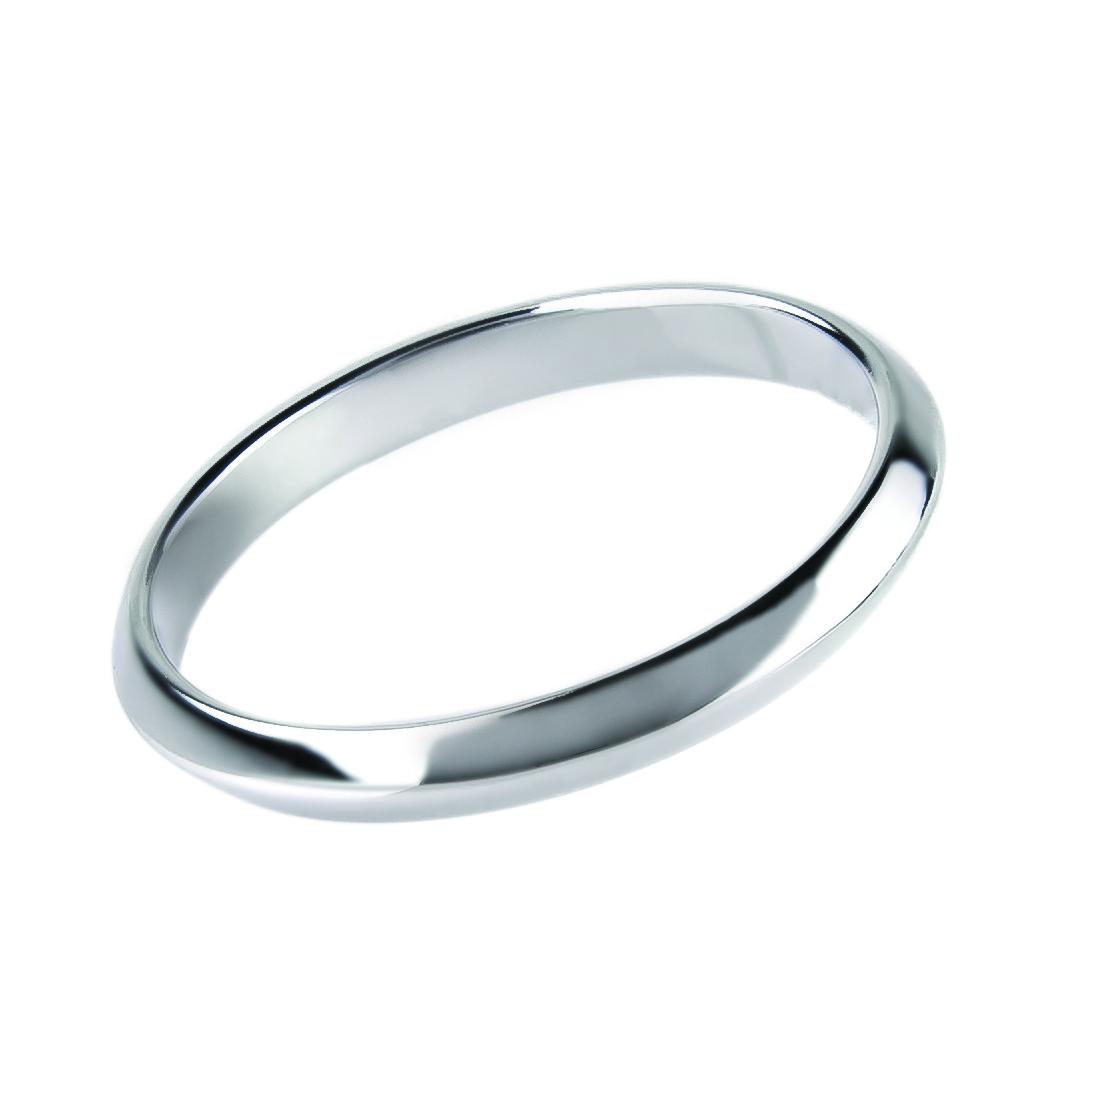 """Обручальное кольцо """"Острые чувства"""" в белом цвете золота, 2 мм (размер 21)"""